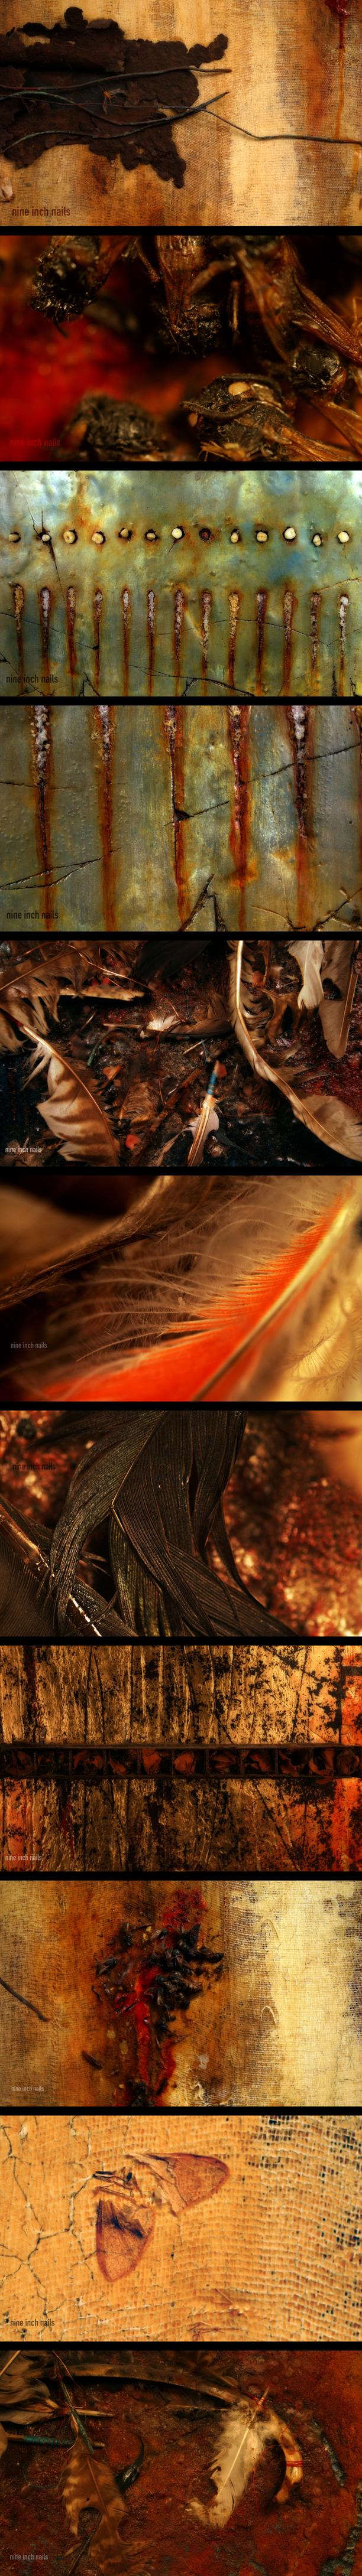 Nine Inch Nails - The Downward Spiral album art | Nine Inch Nails ...